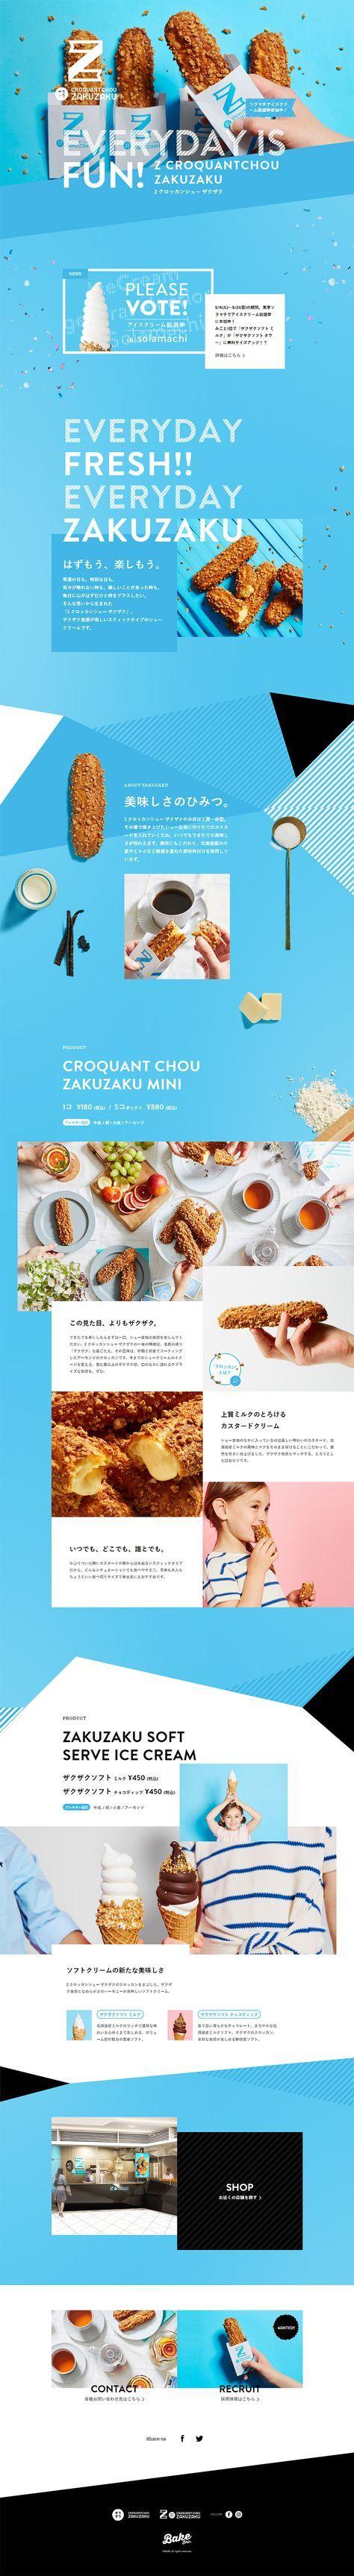 Z クロッカンシュー ザクザク|WEBデザイナーさん必見!ランディングページのデザイン参考に(かわいい系)